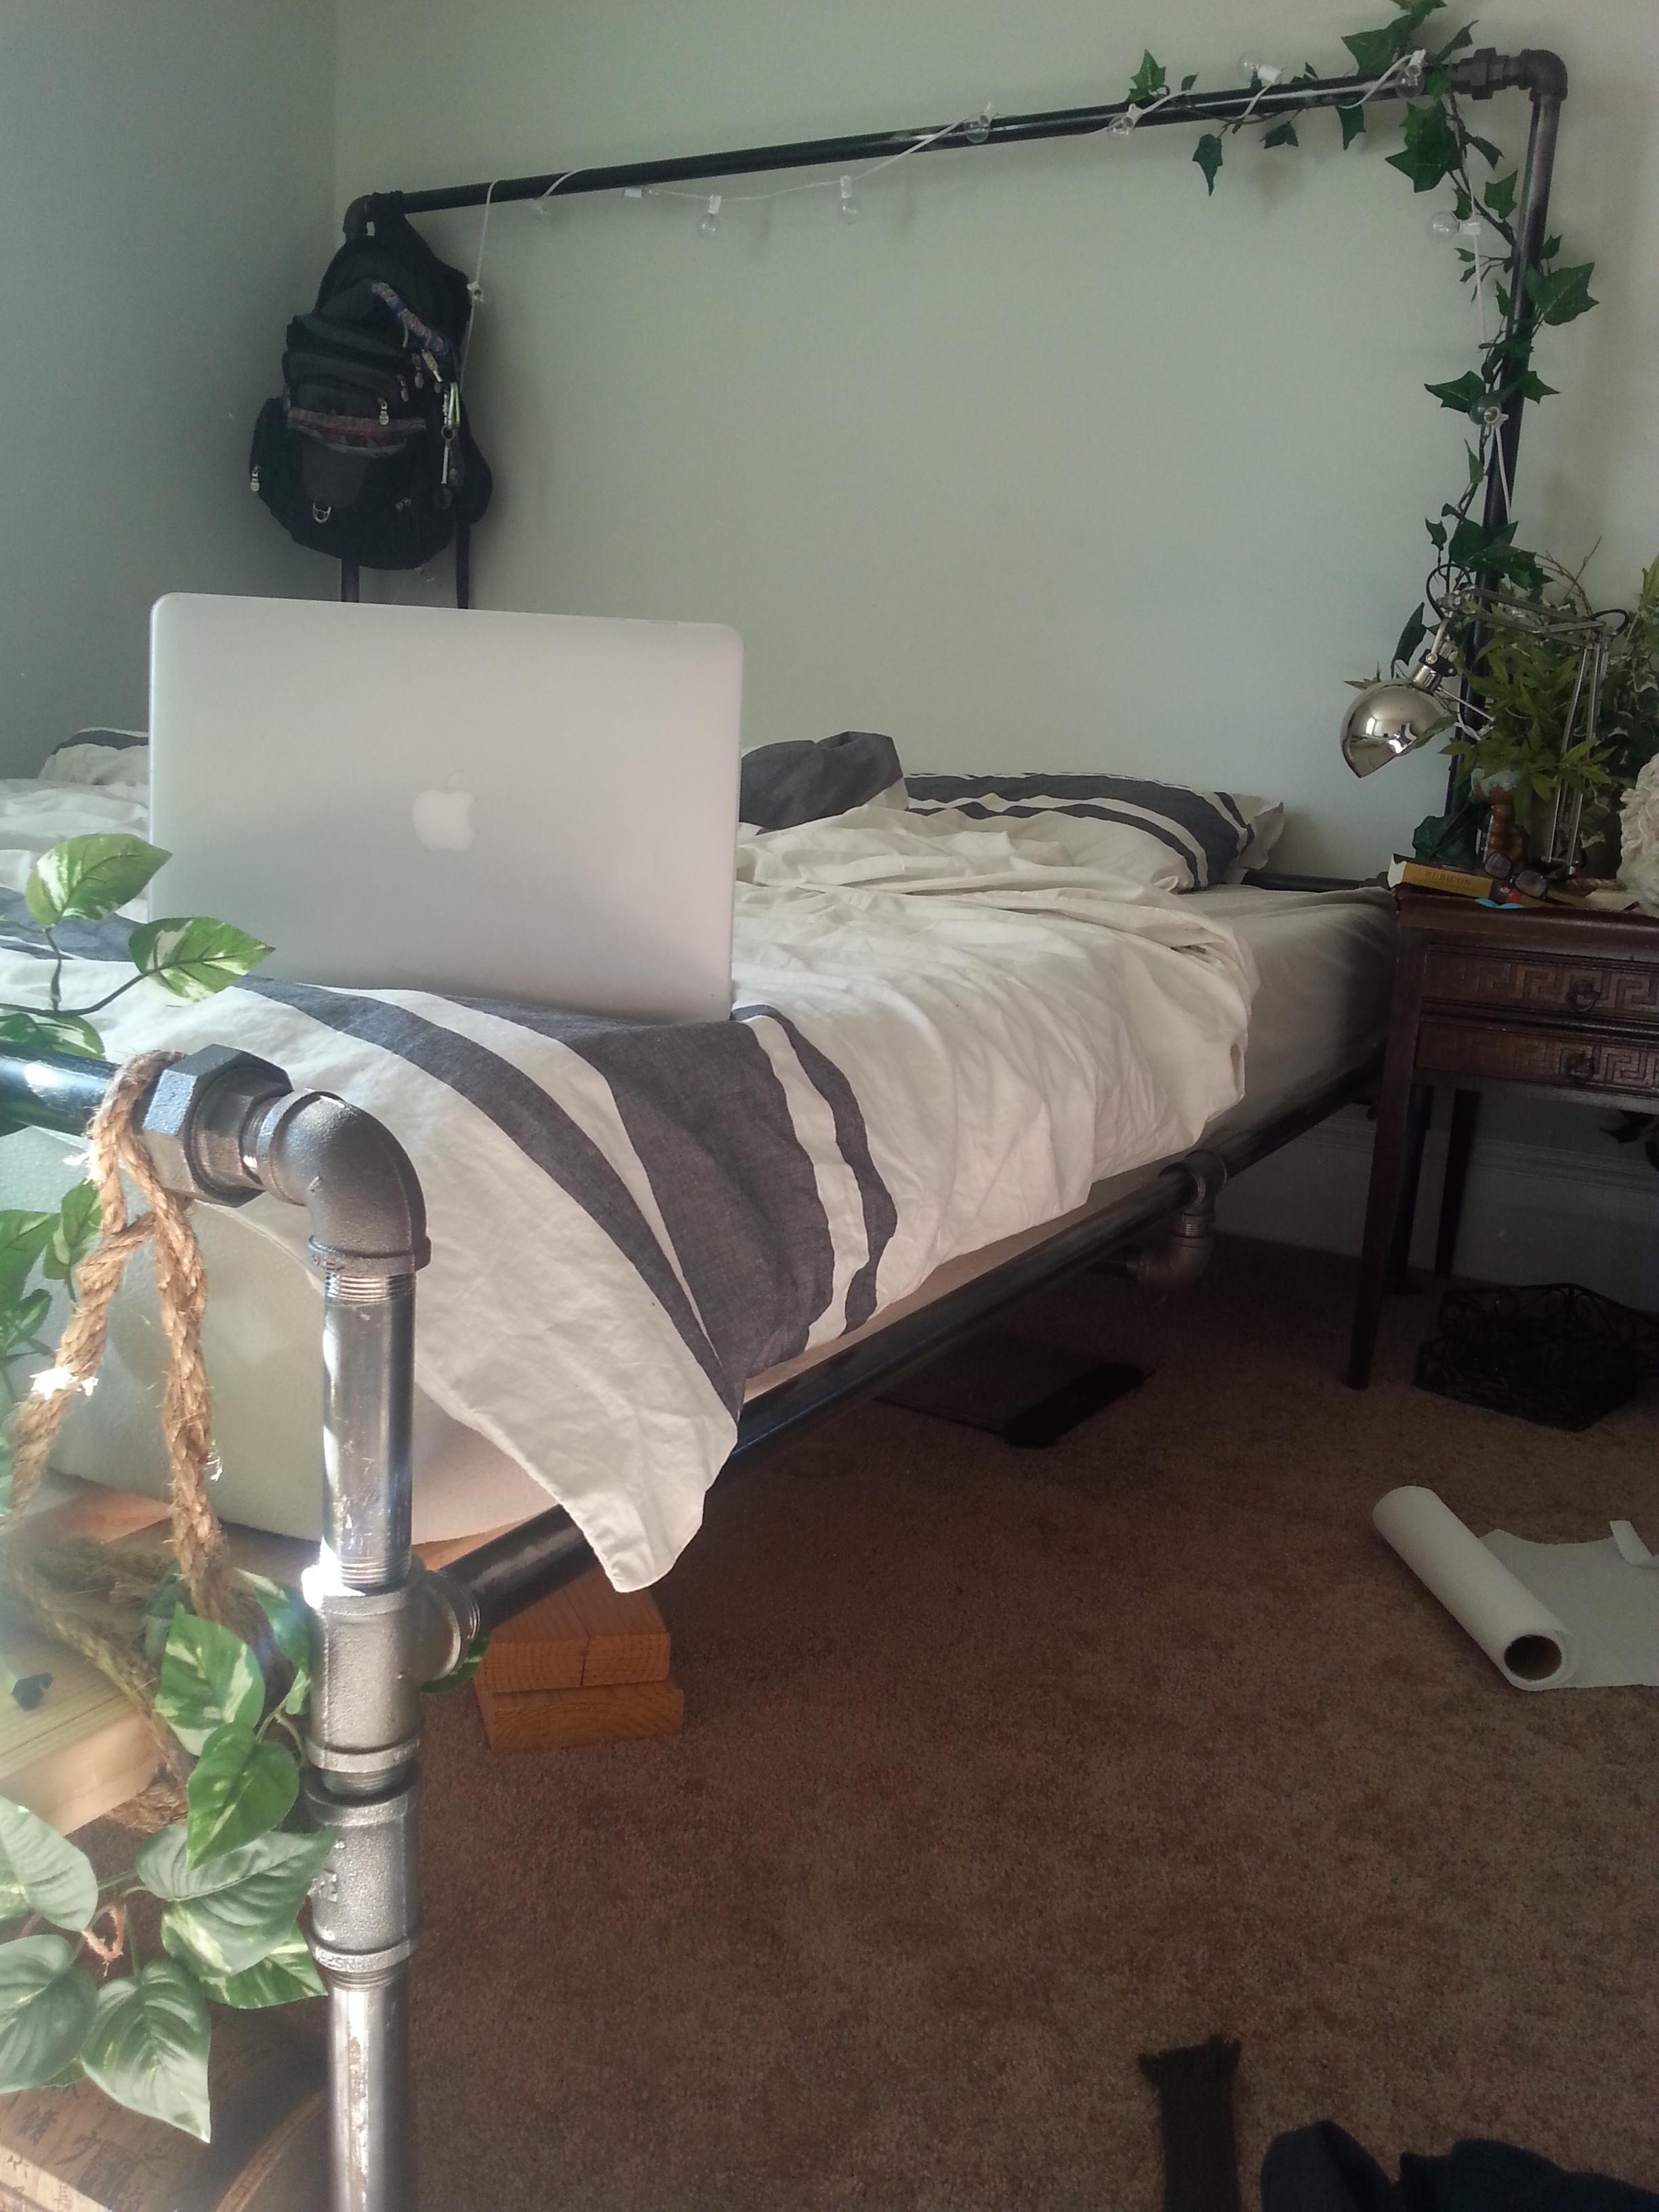 Diy Industrial Pipe Bed